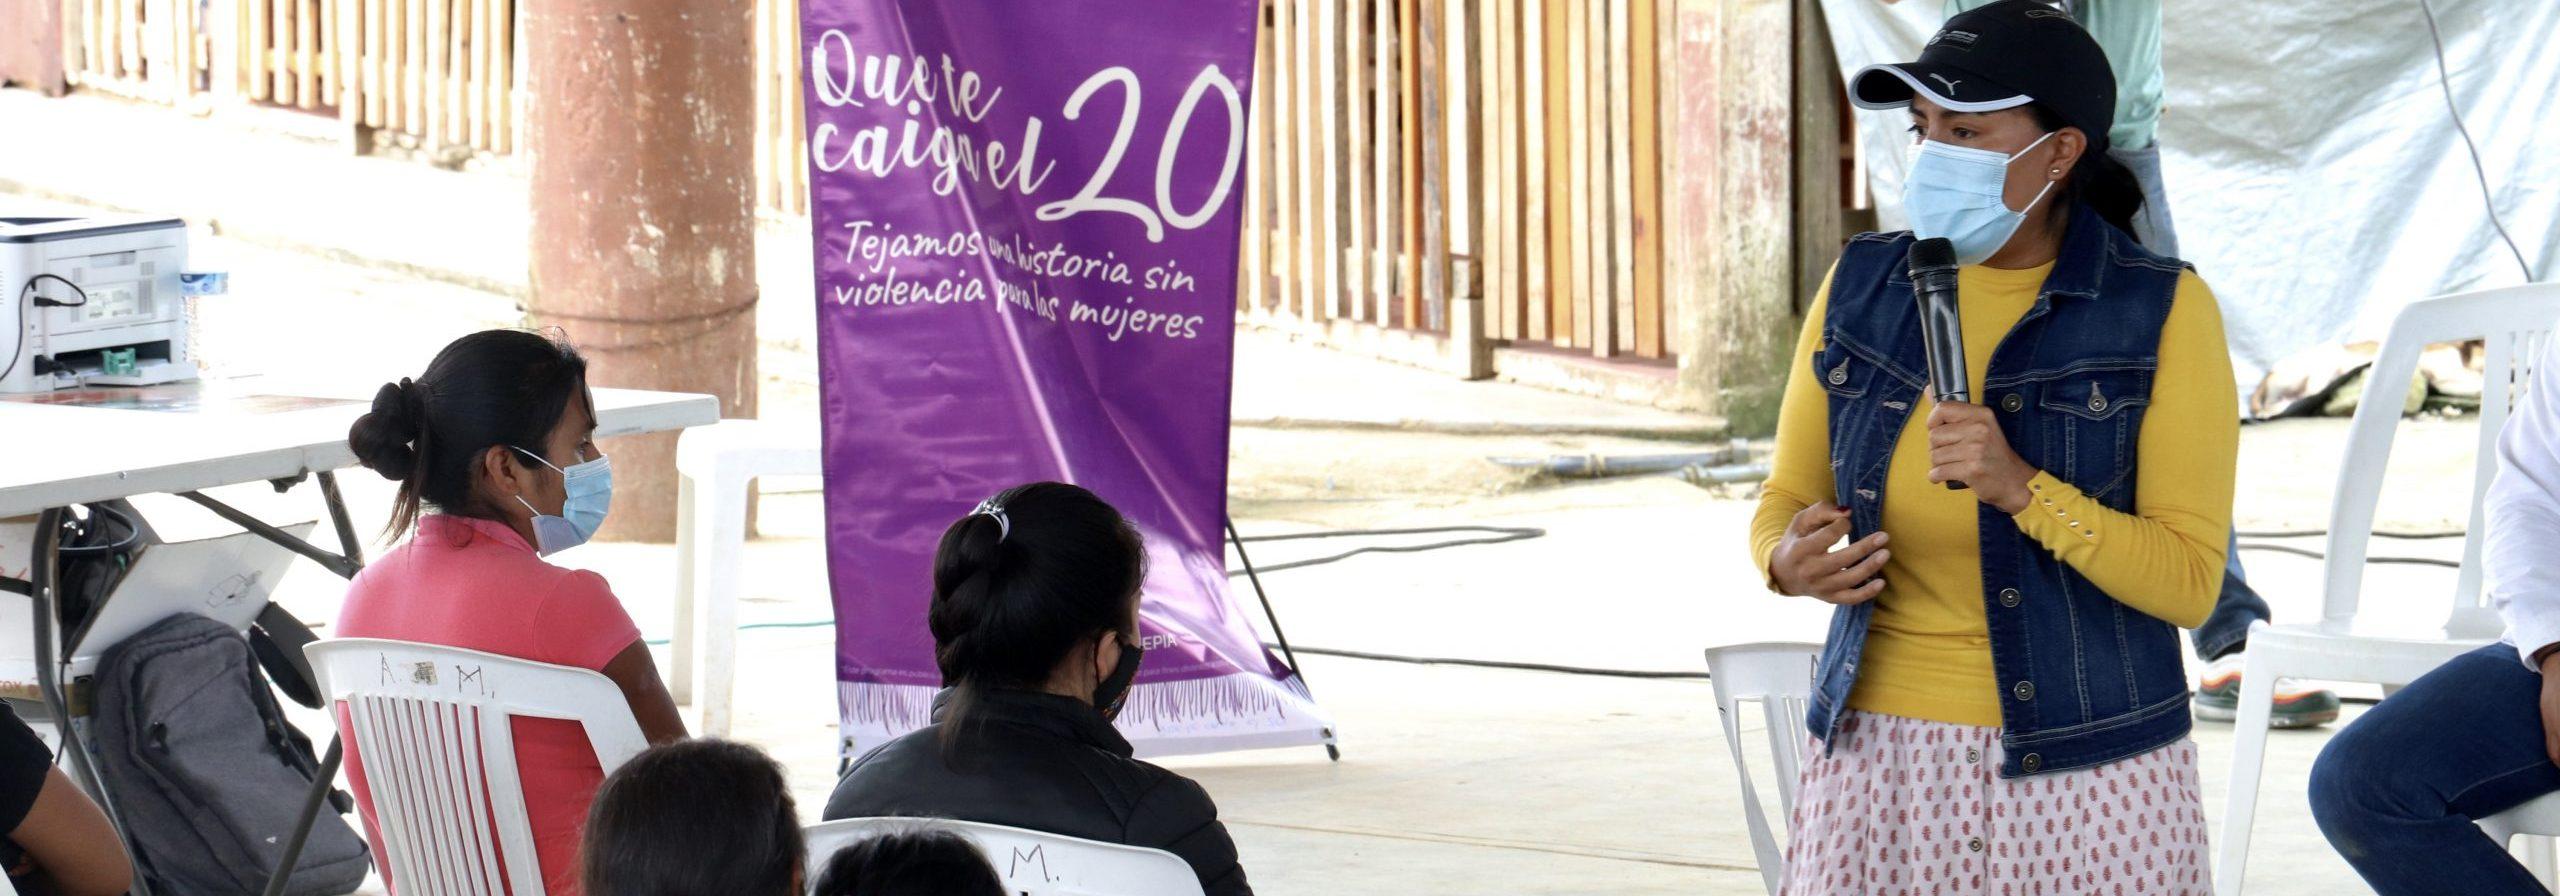 Implementa SEPIA campaña contra la violencia de género, en comunidades indígenas y afromexicanas